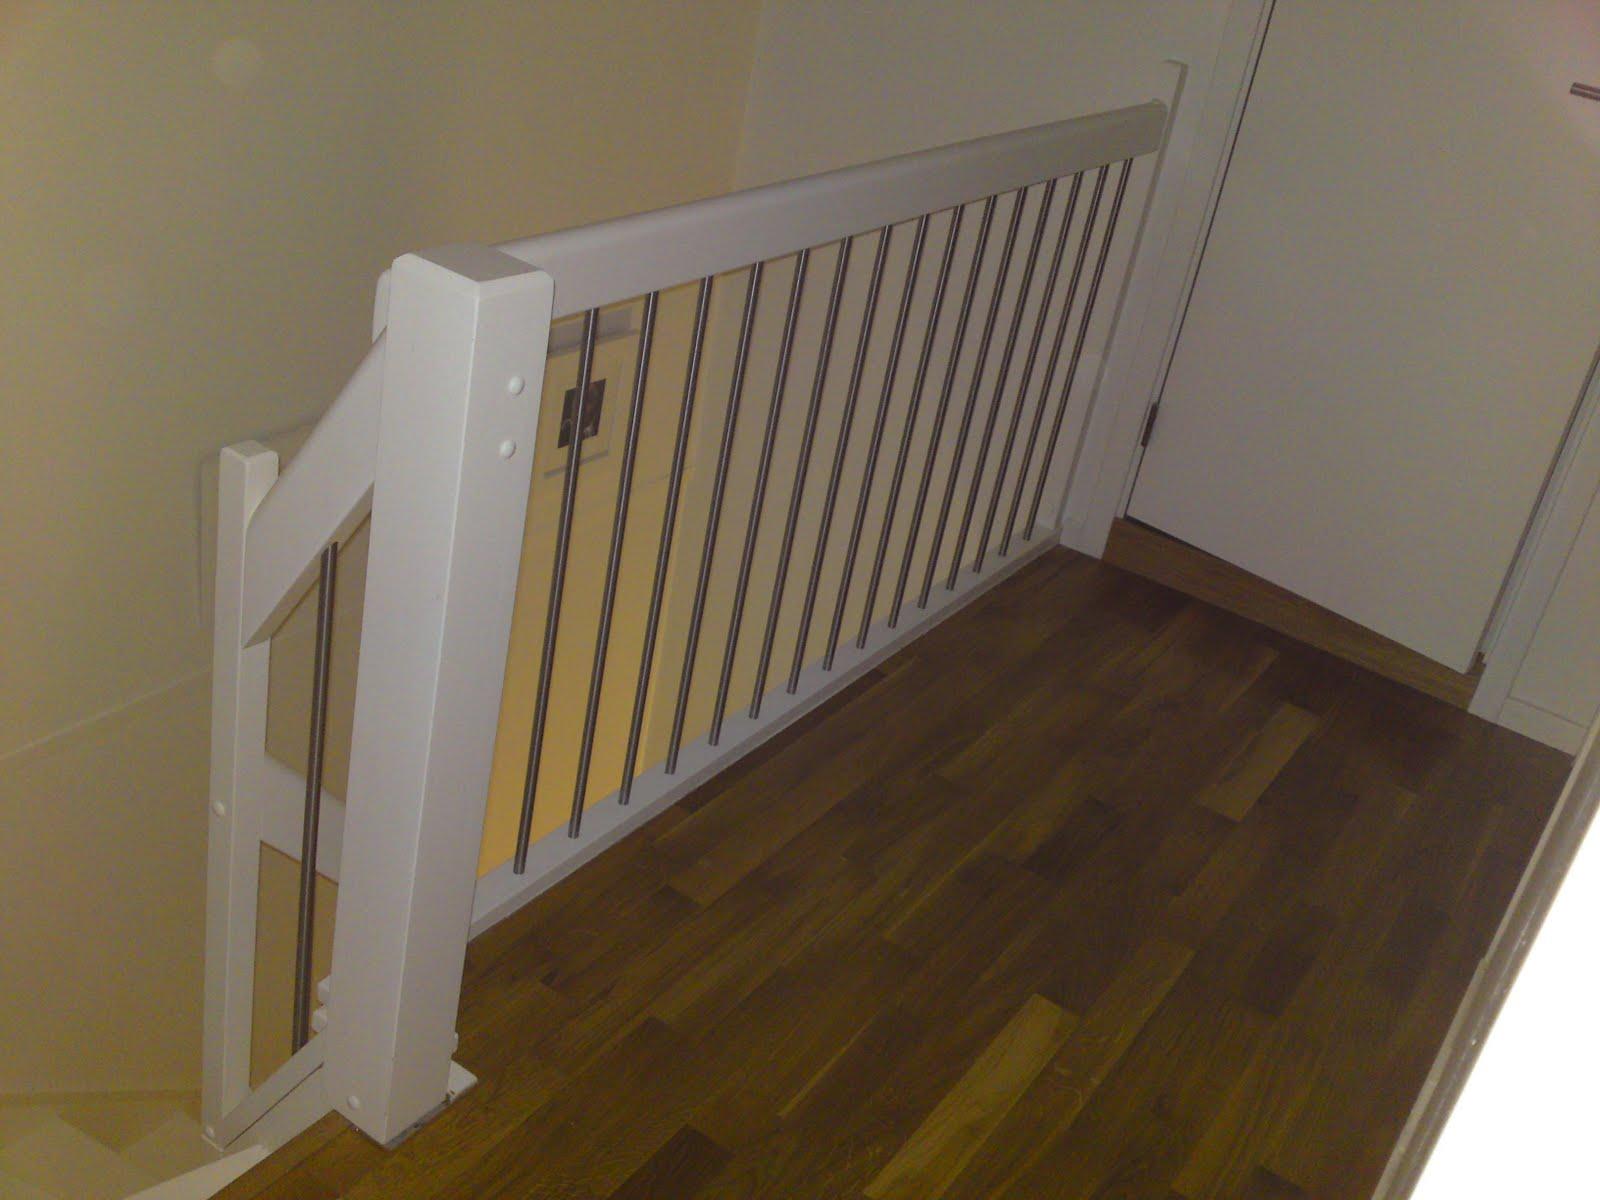 Nytt rekkverk til trapp